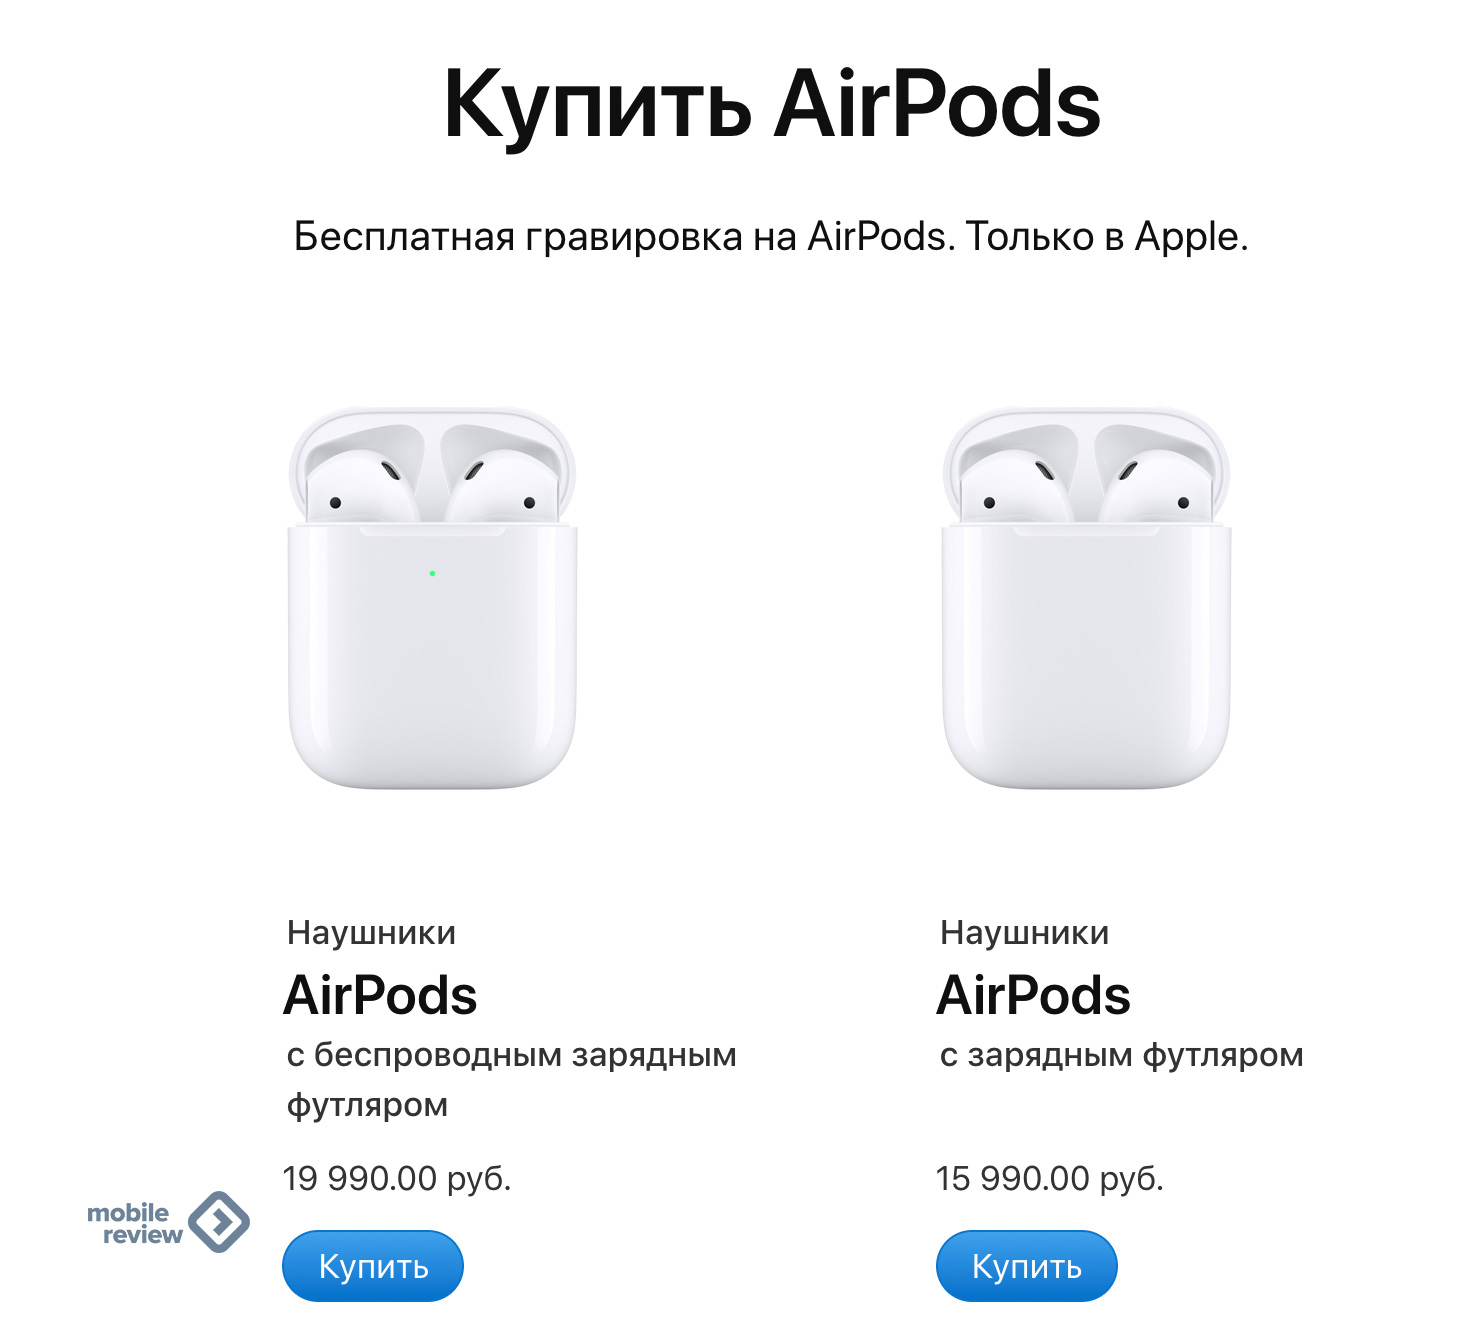 Диванная аналитика №258. Почему Apple AirPods не так популярны как раньше?